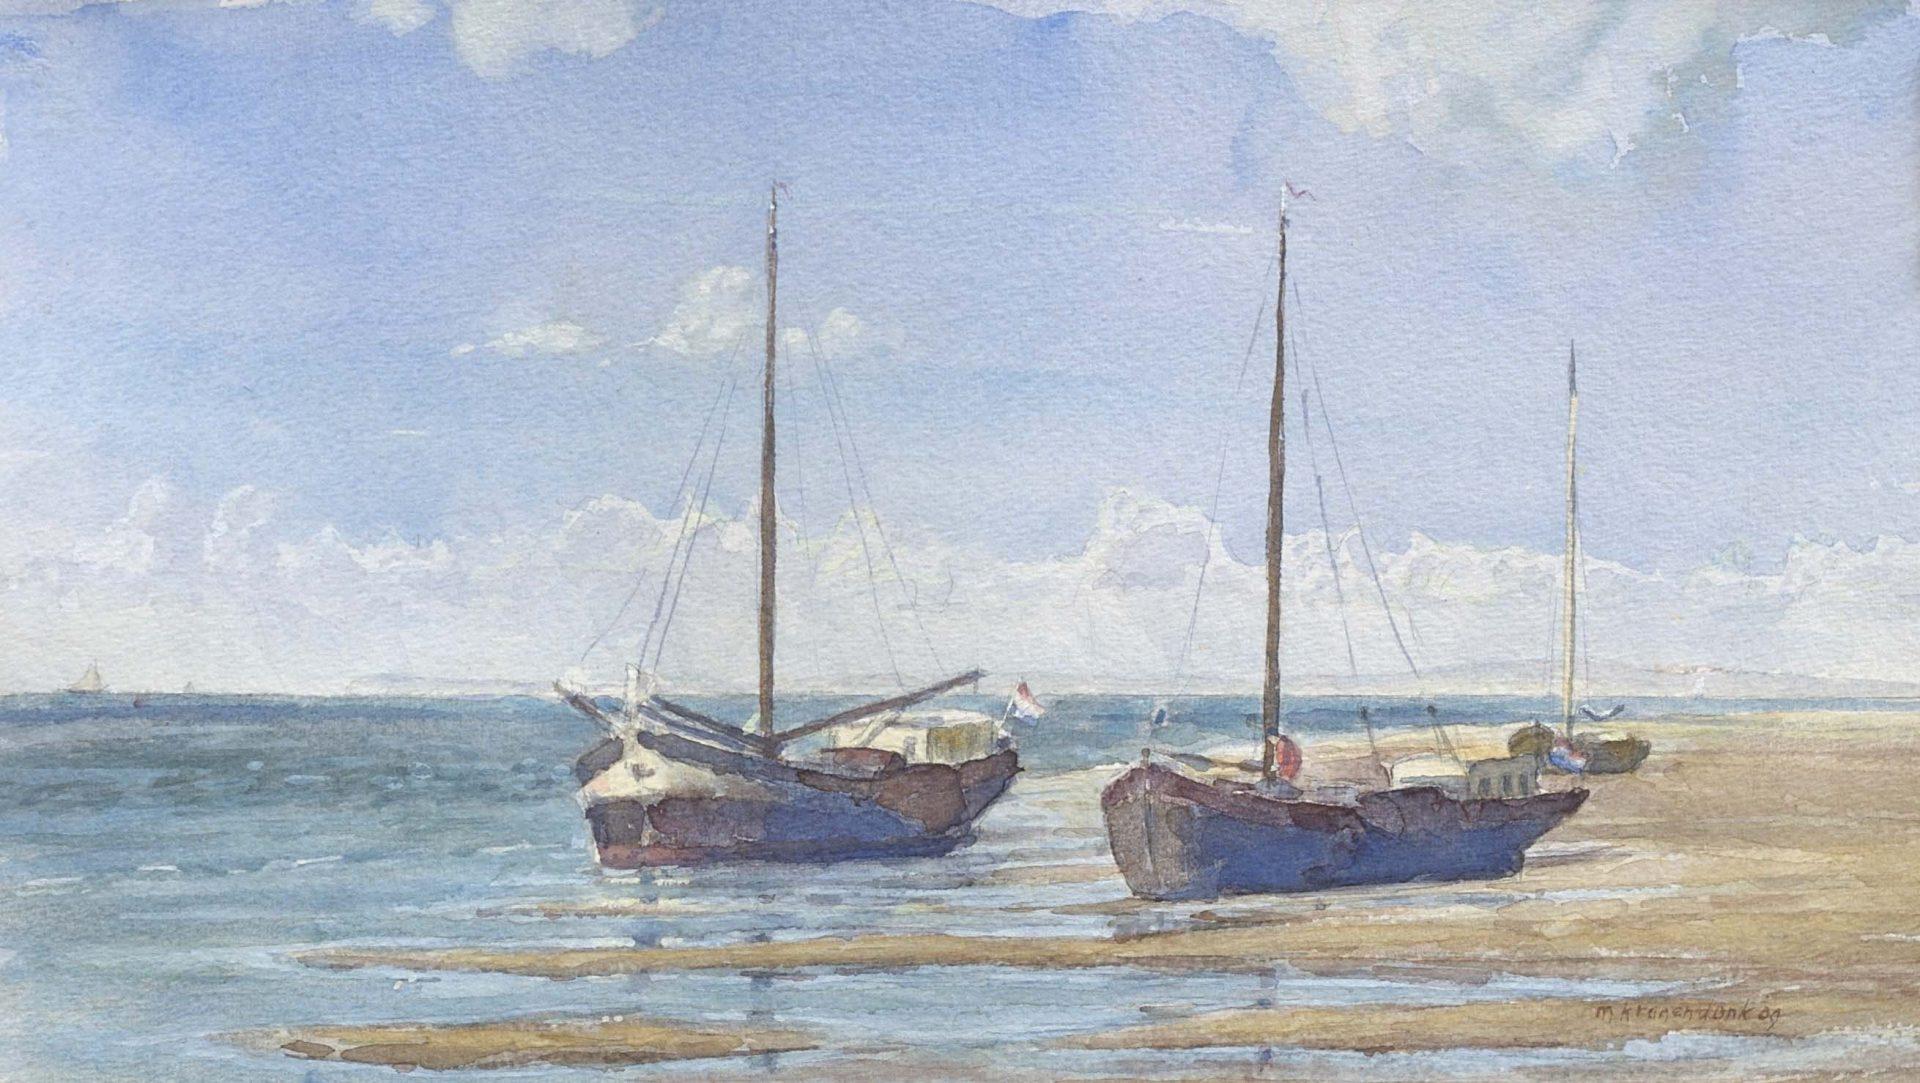 aquarel van drooggevallen platbodems zeilschepen drooggevallen op Groenestrand Terschelling realistisch figuratief